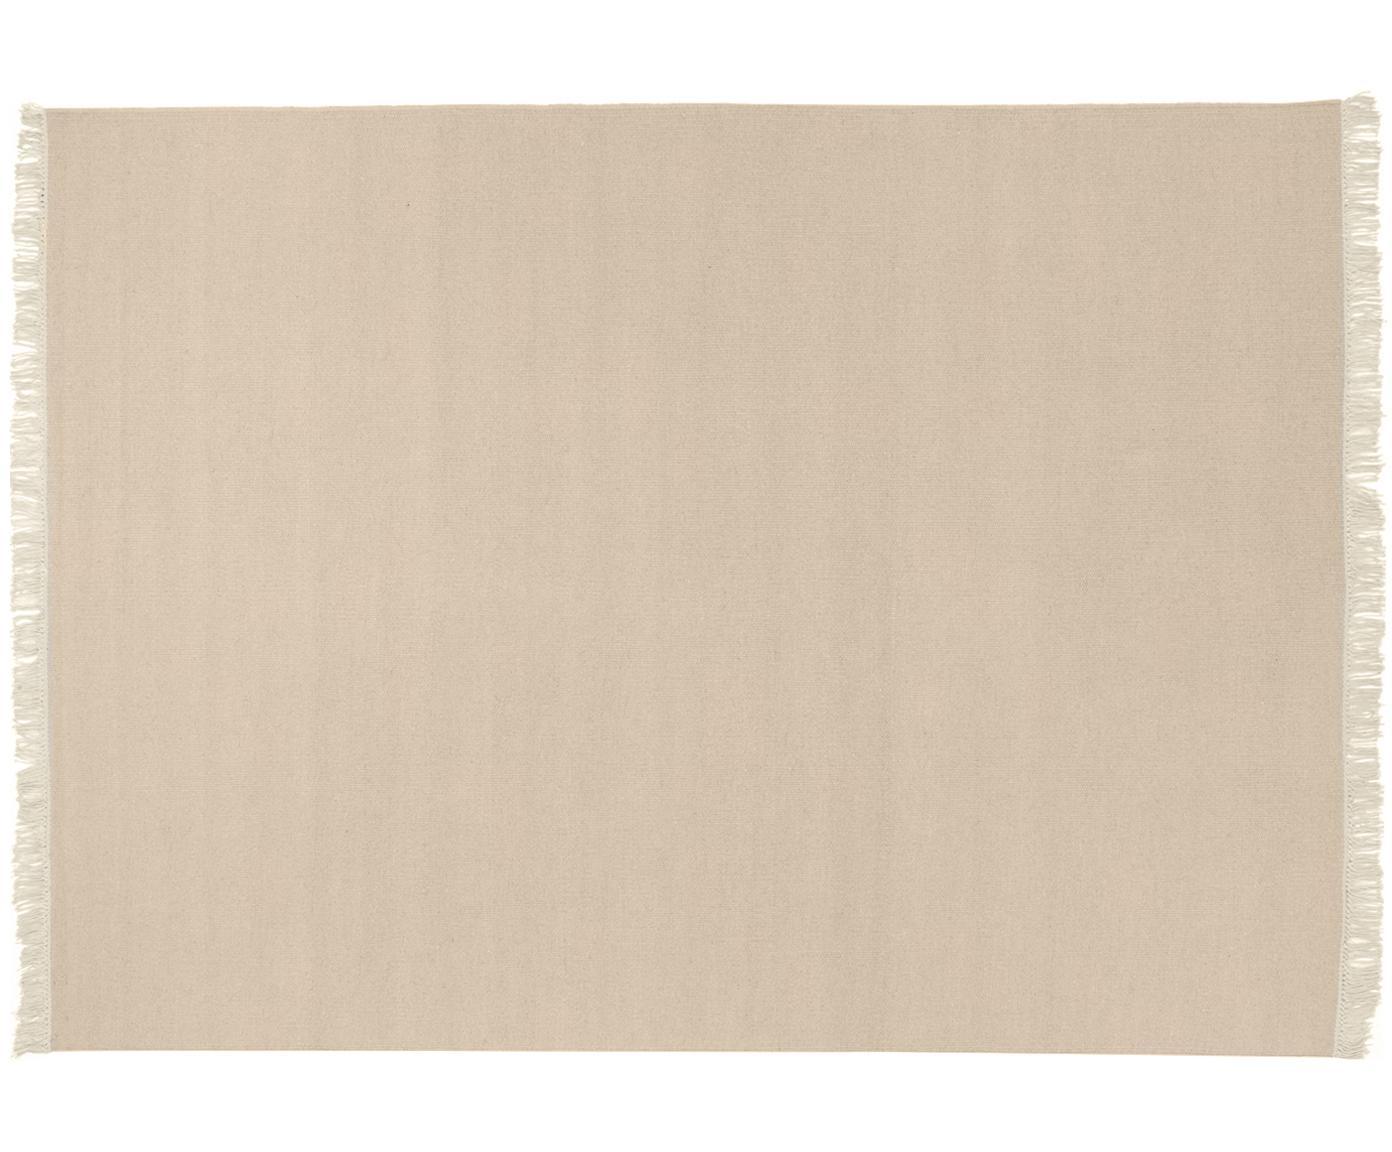 Alfombra artesanal de lana con flecos Rainbow, Parte superior: 100%lana, Reverso: algodón, Natural, An 140 x L 200 cm (Tamaño S)